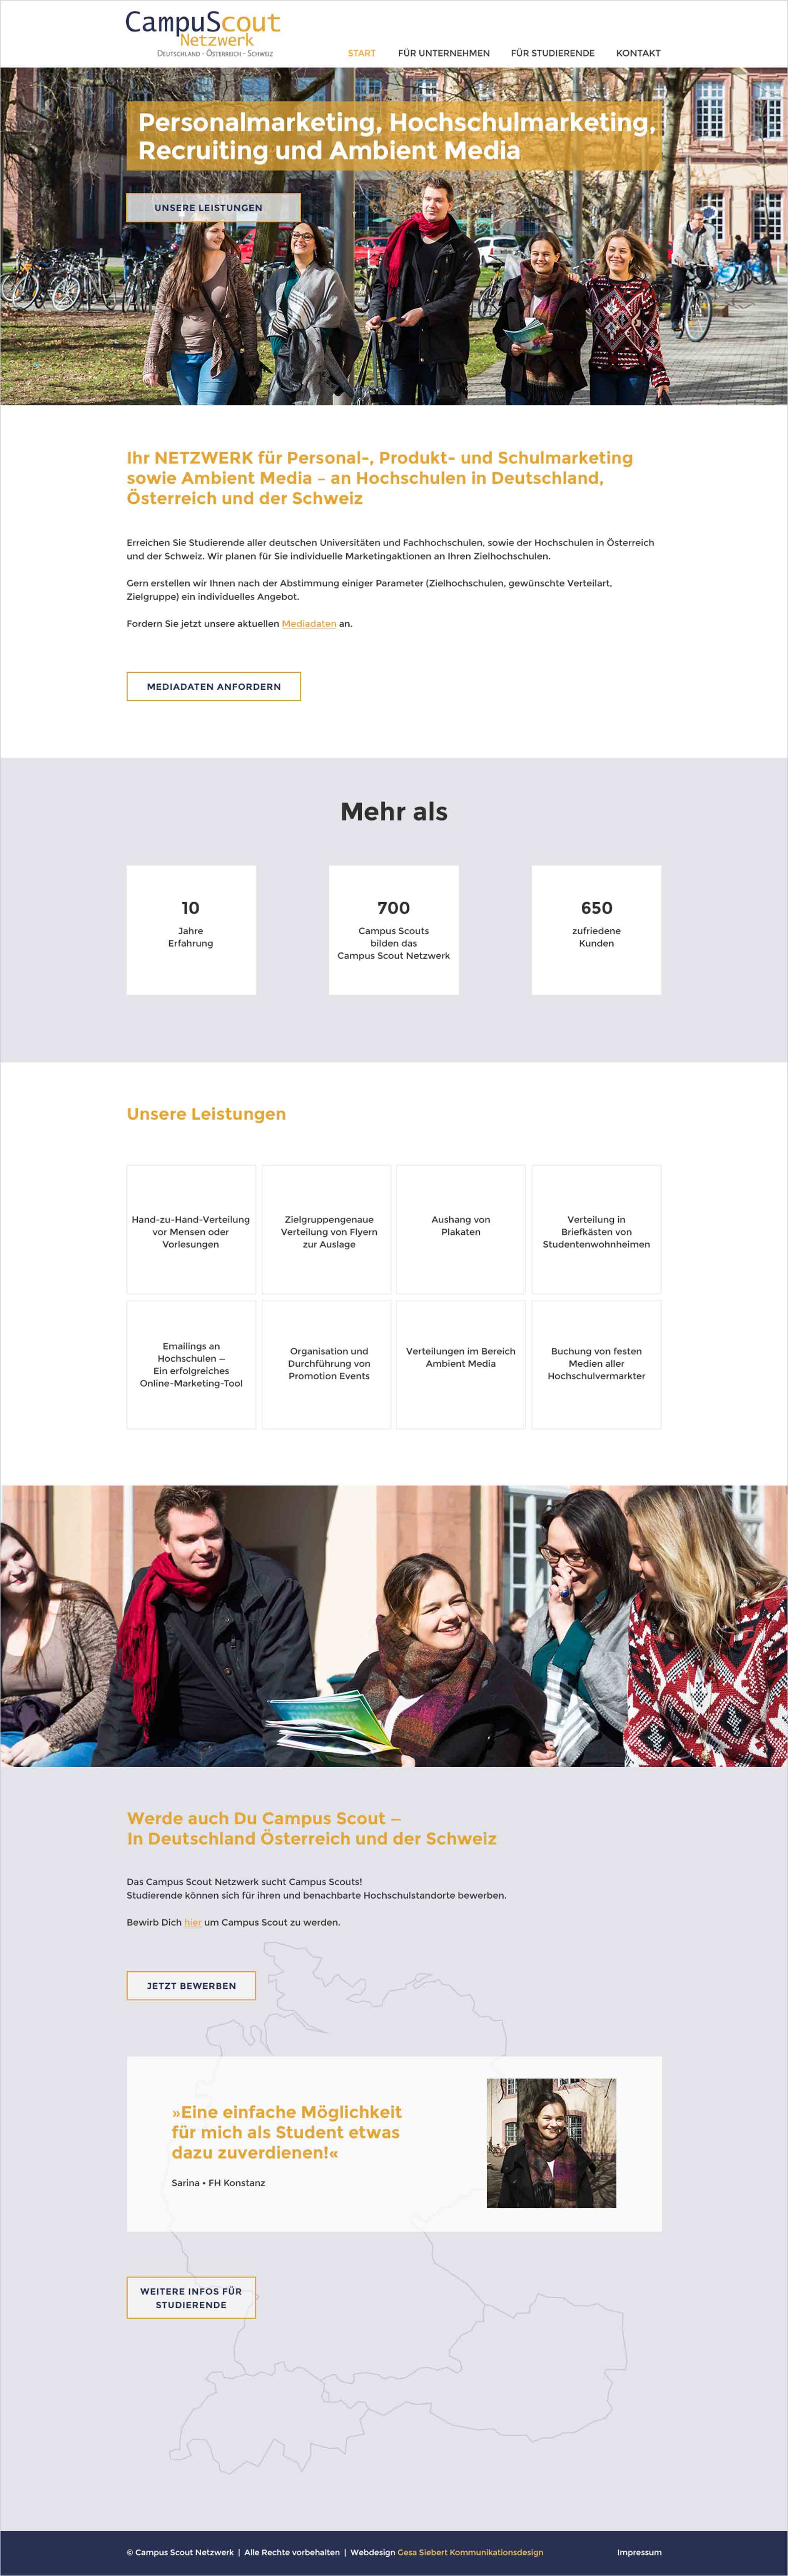 Webdesign Campus Scout Netzwerk Startseite Gesa Siebert Kommunikationsdesign